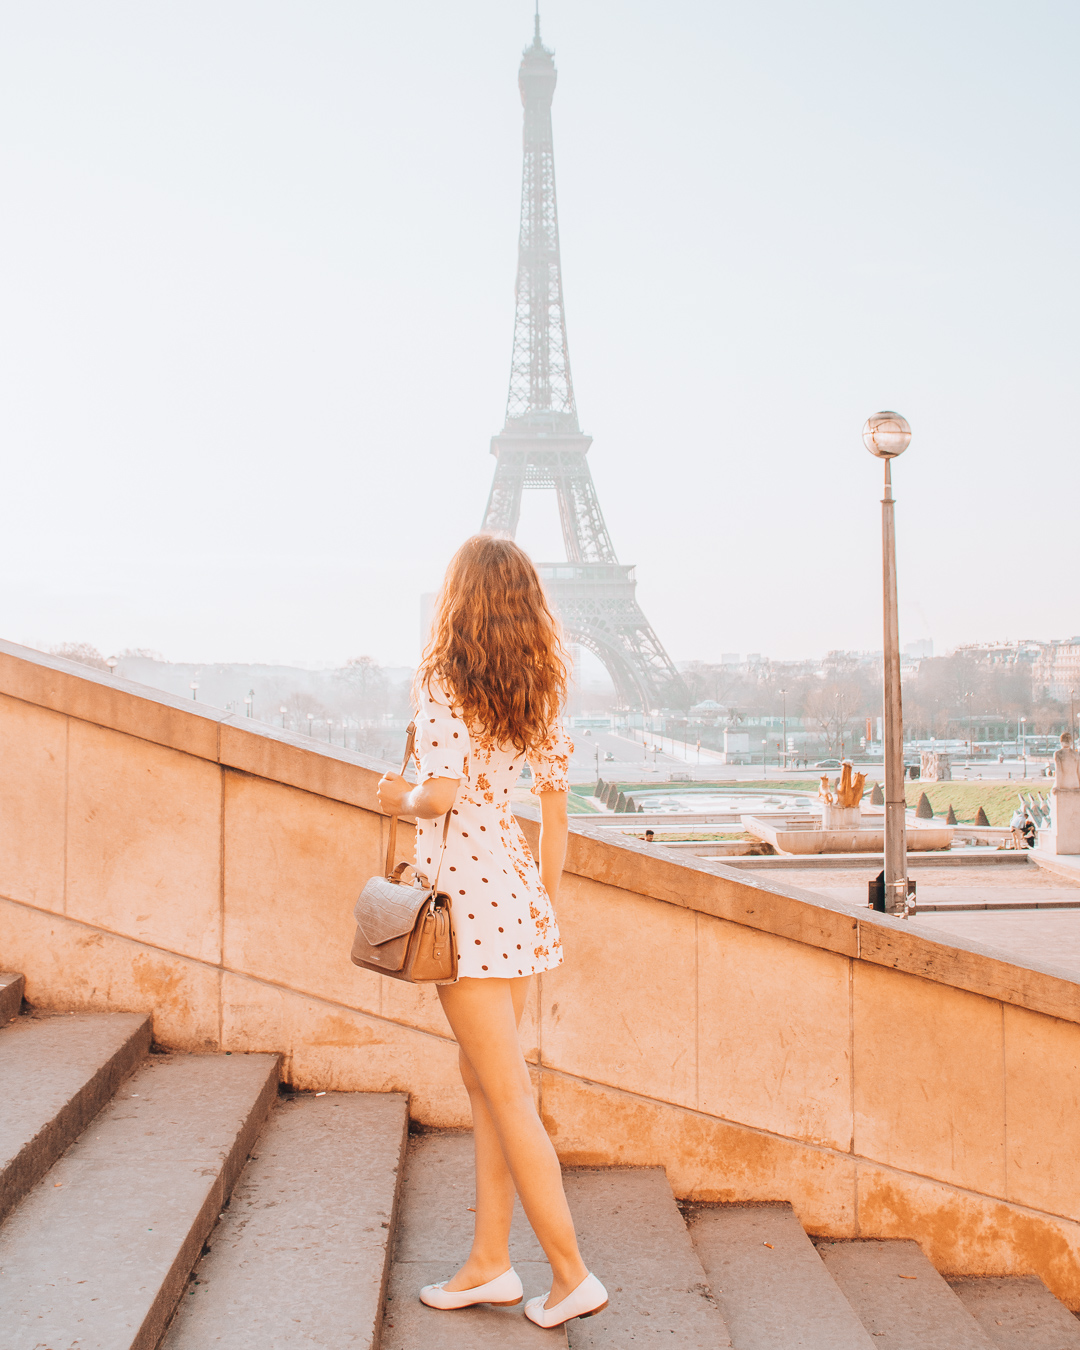 Walking on stairs of Trocadéro